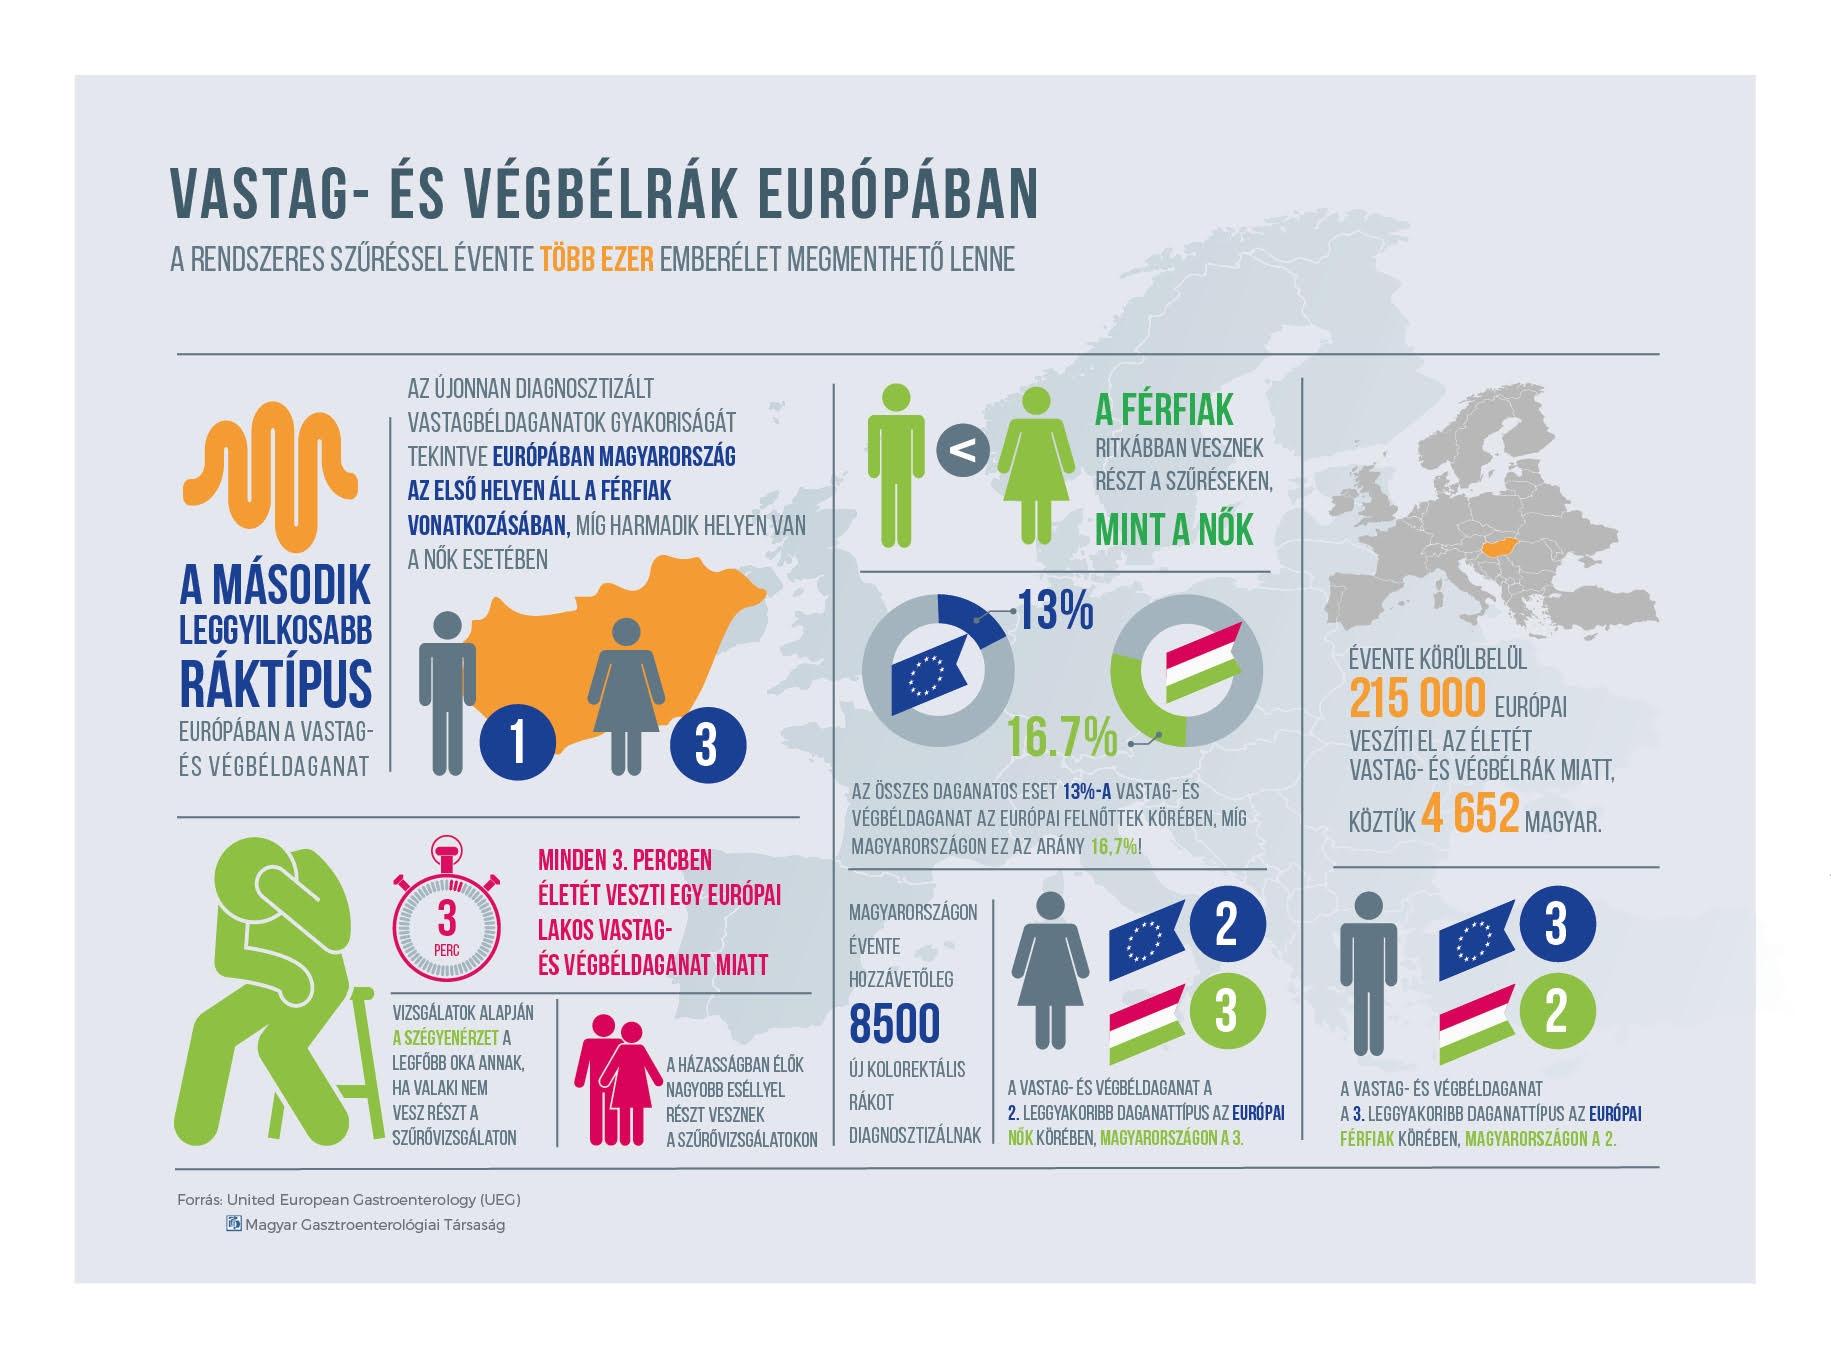 Statisztikai adatok a vastag- és végbélrákról az EU és Magyarország esetében. Forrás: Magyar Gasztroenterológiai Társaság